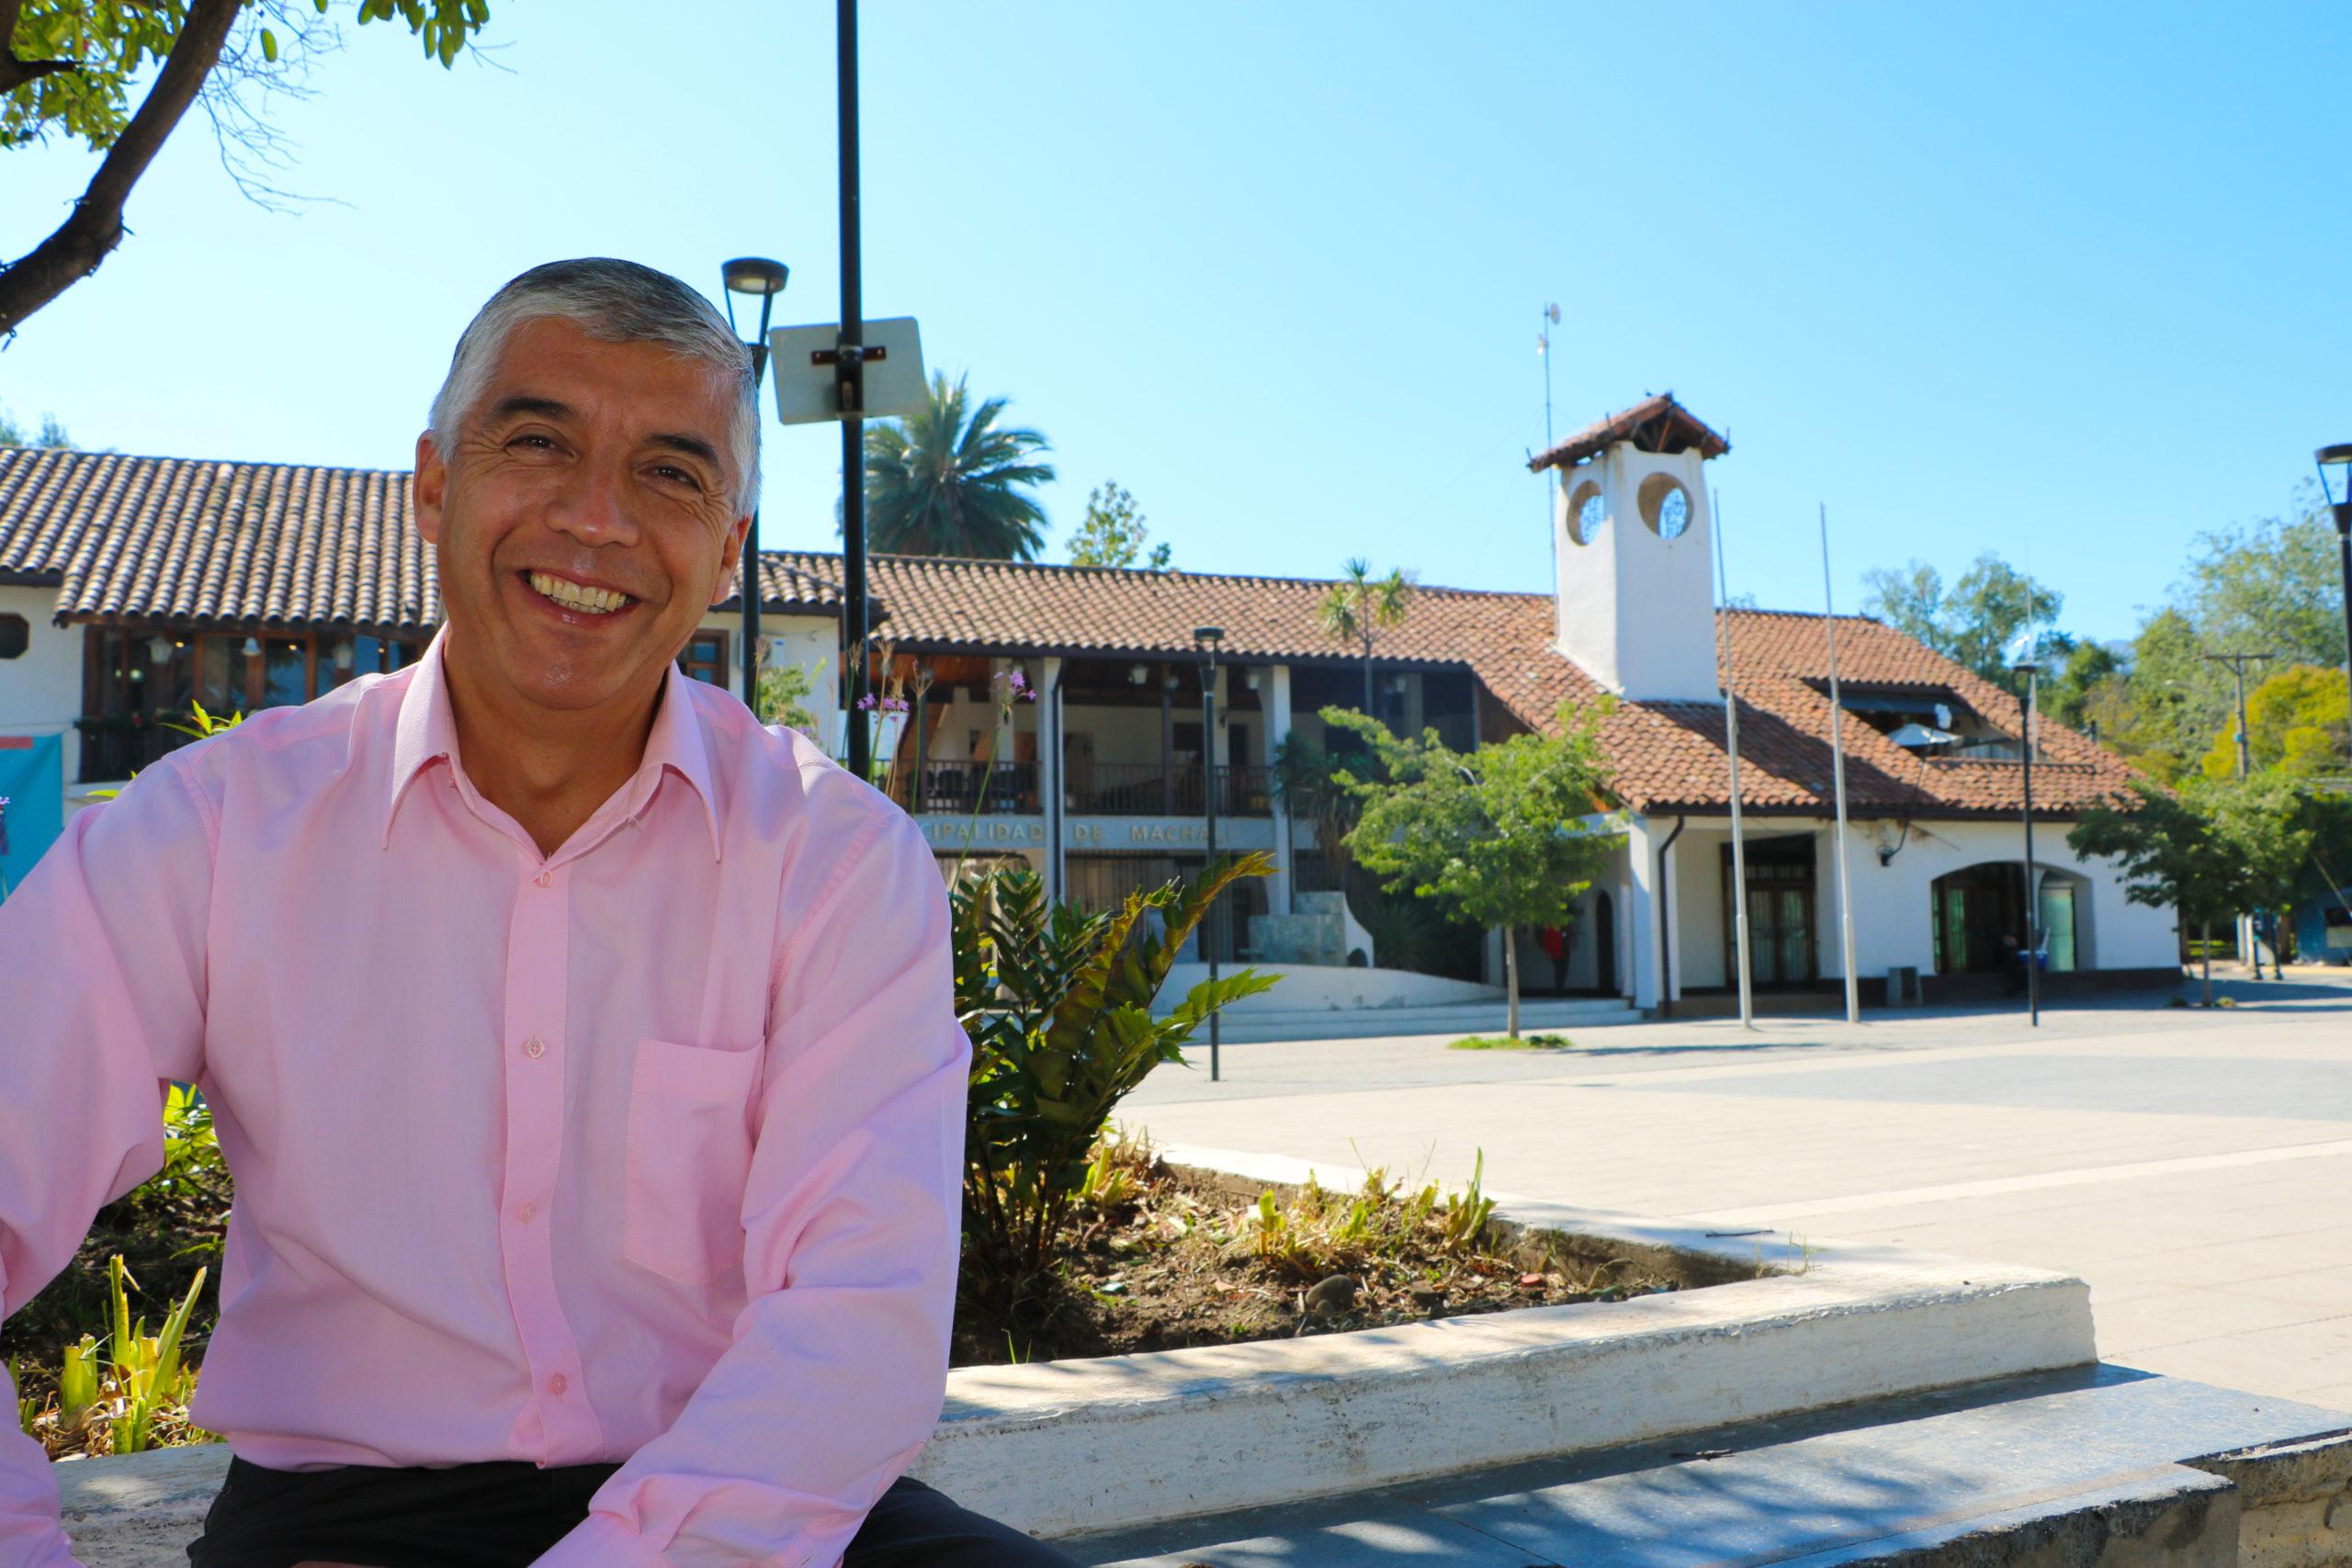 Conoce al Candidato a Concejal por Machali Carlos Zeballos